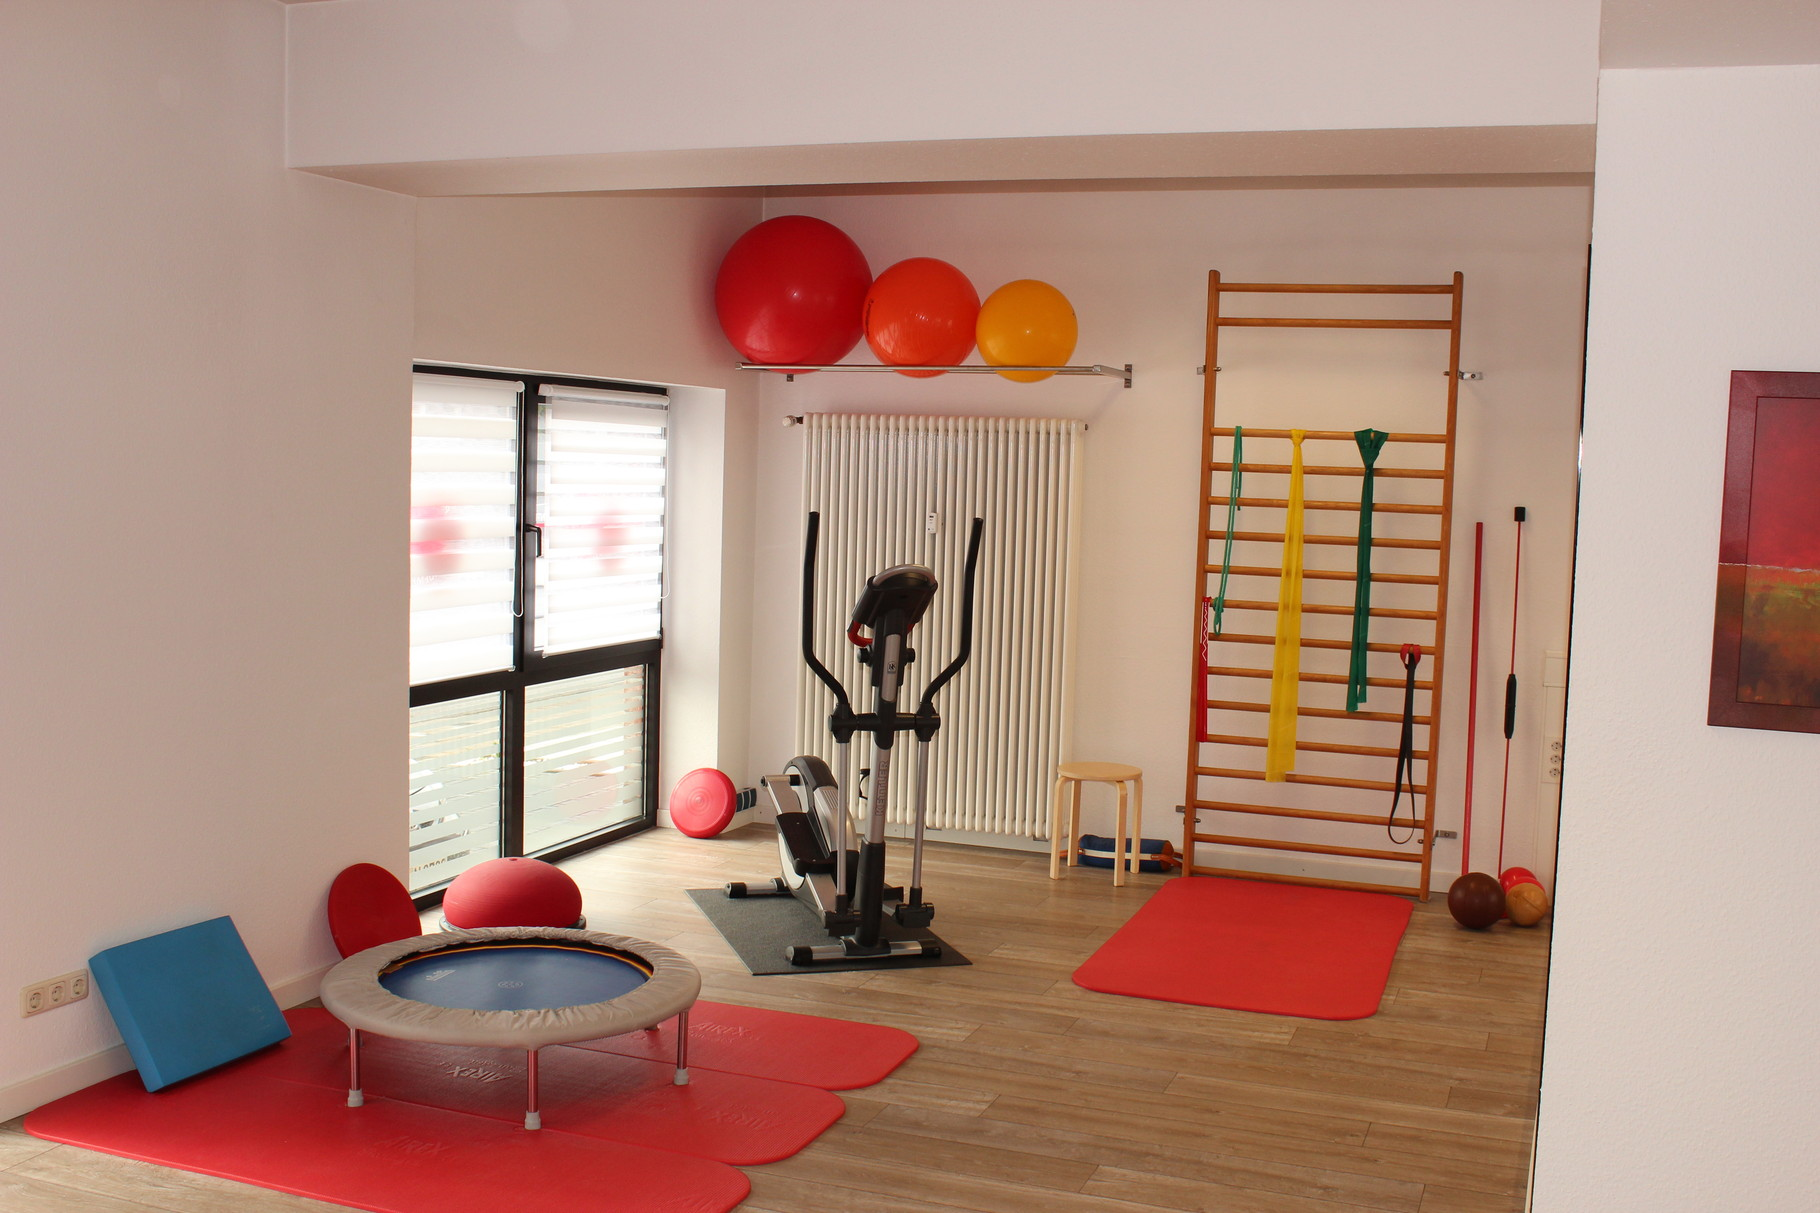 Krankengymnastik- und Präventionsraum